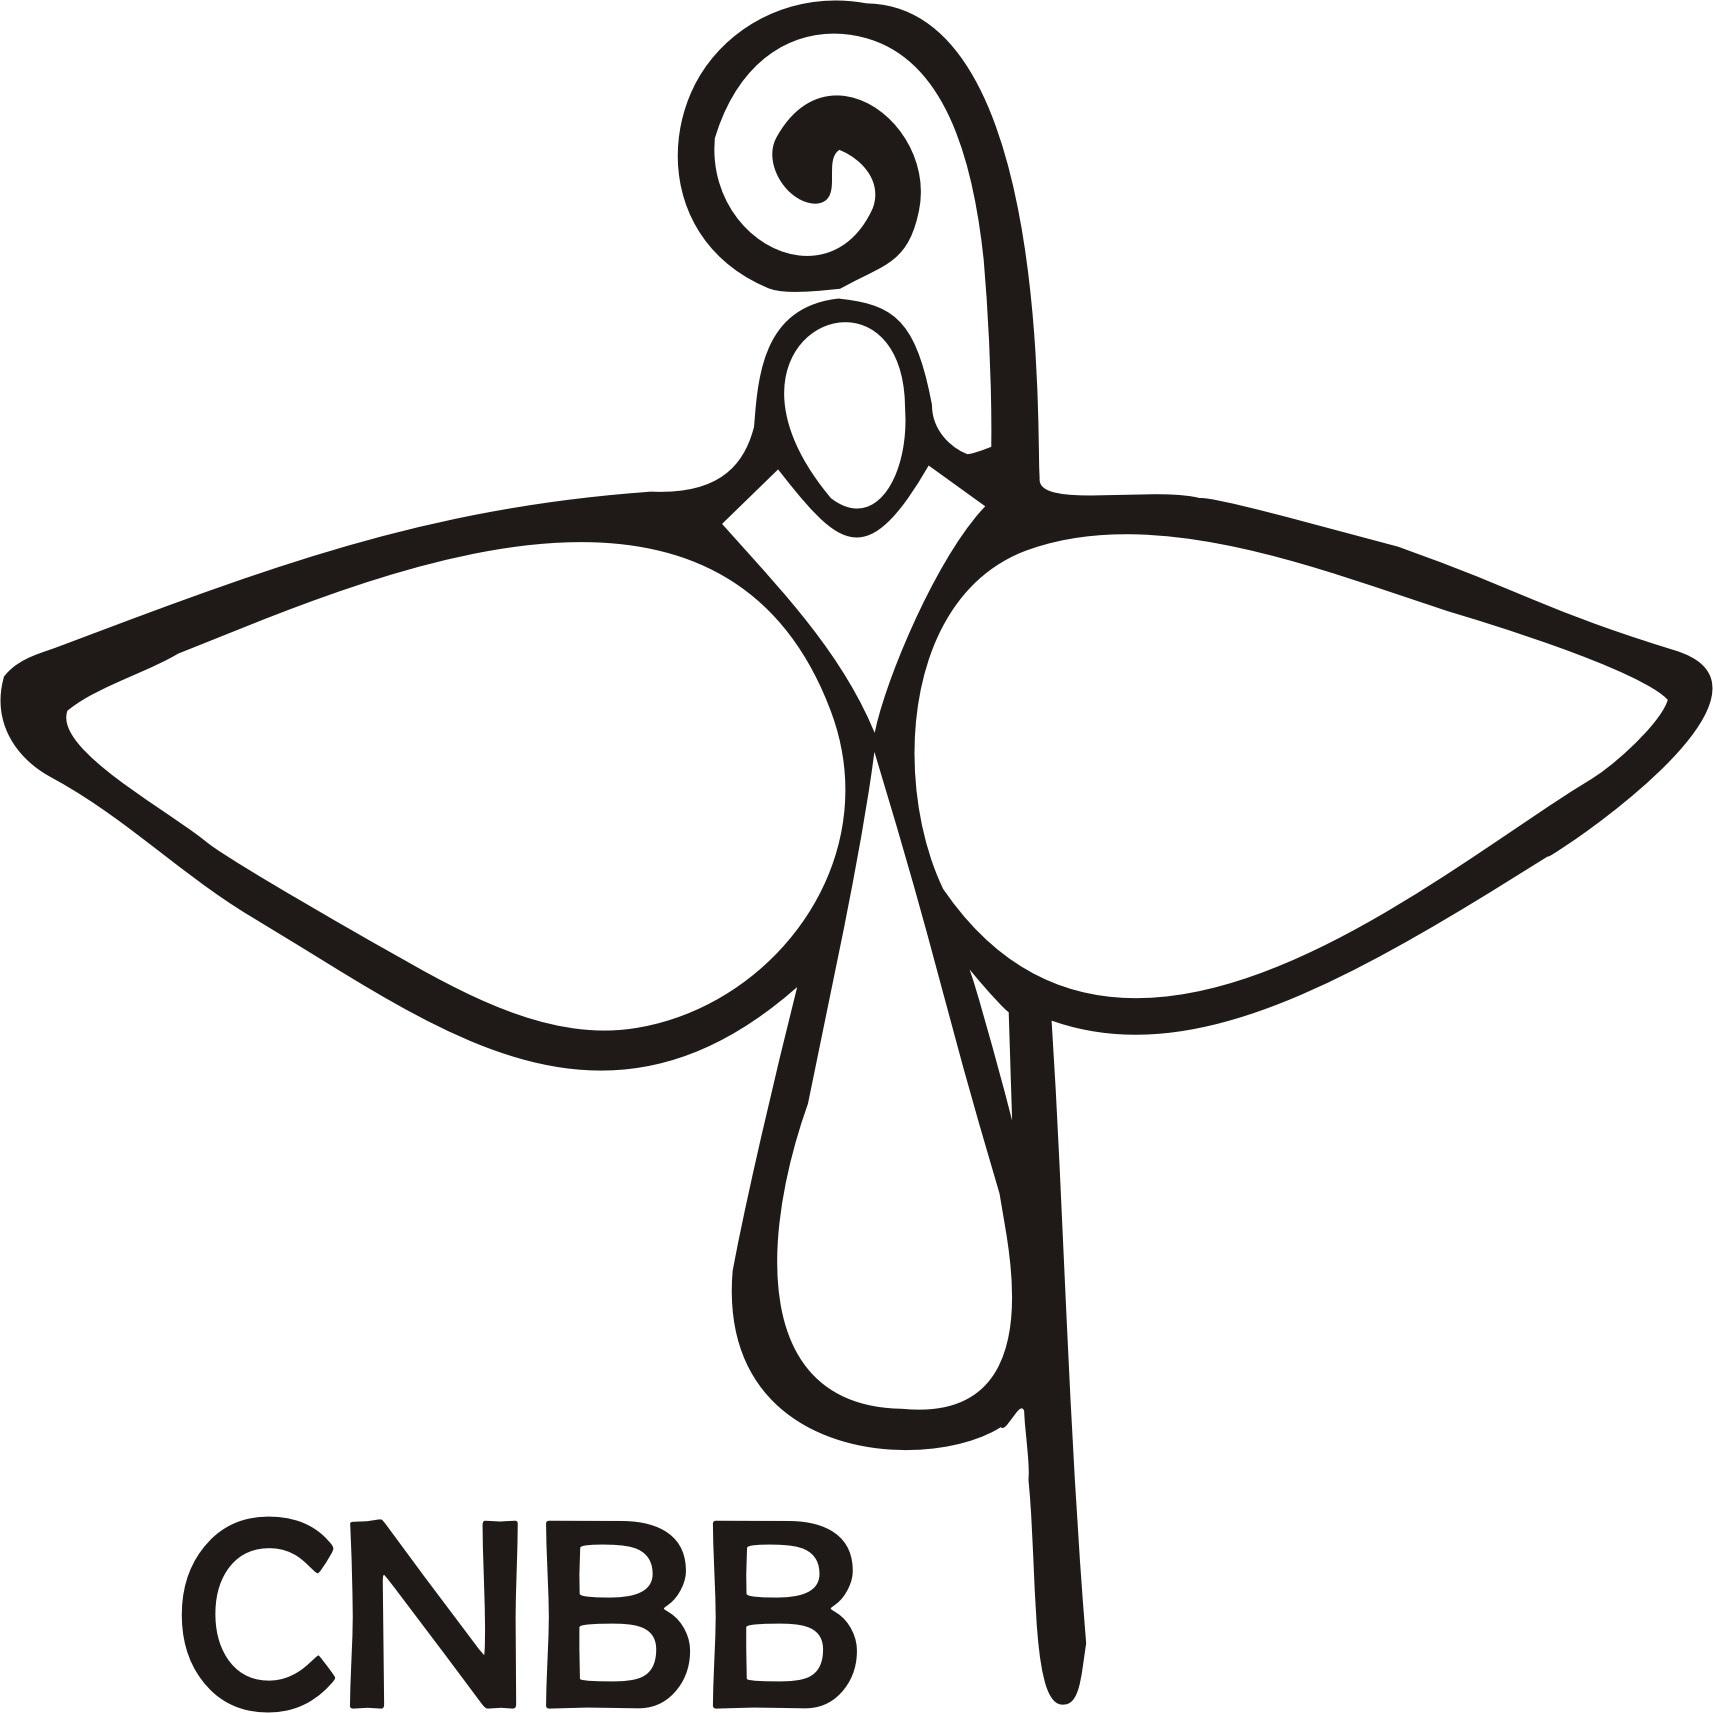 CNBB.jpg